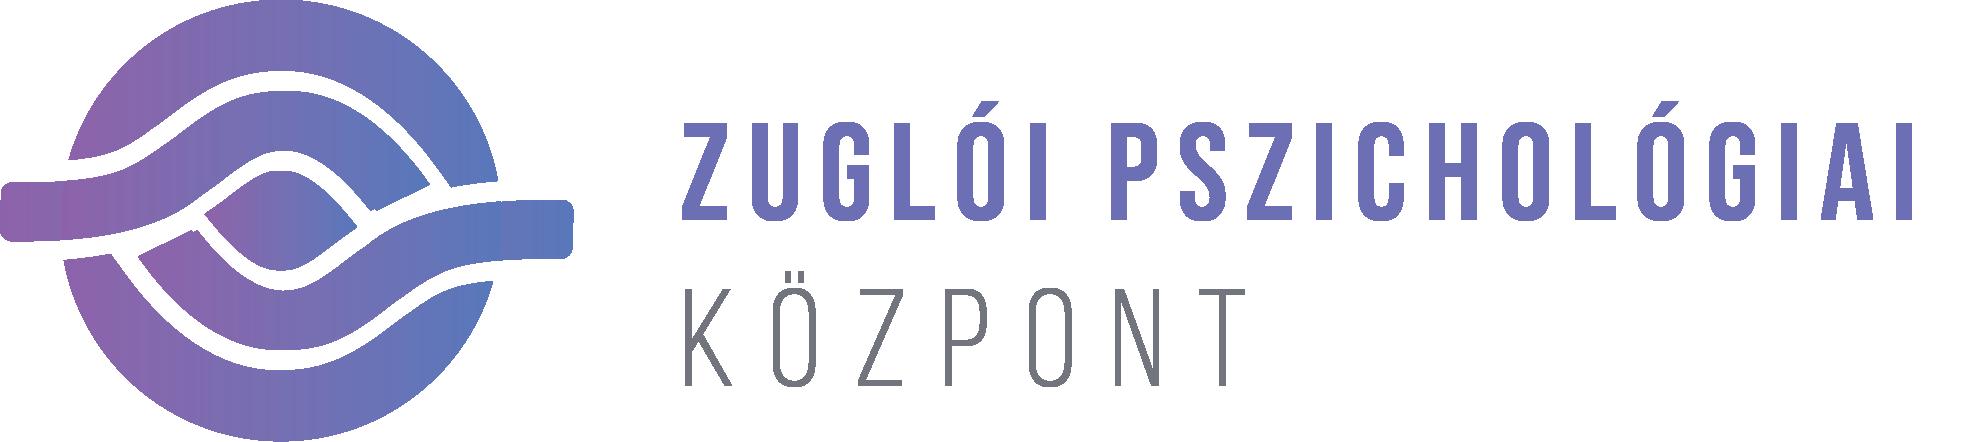 Zugloirendelo